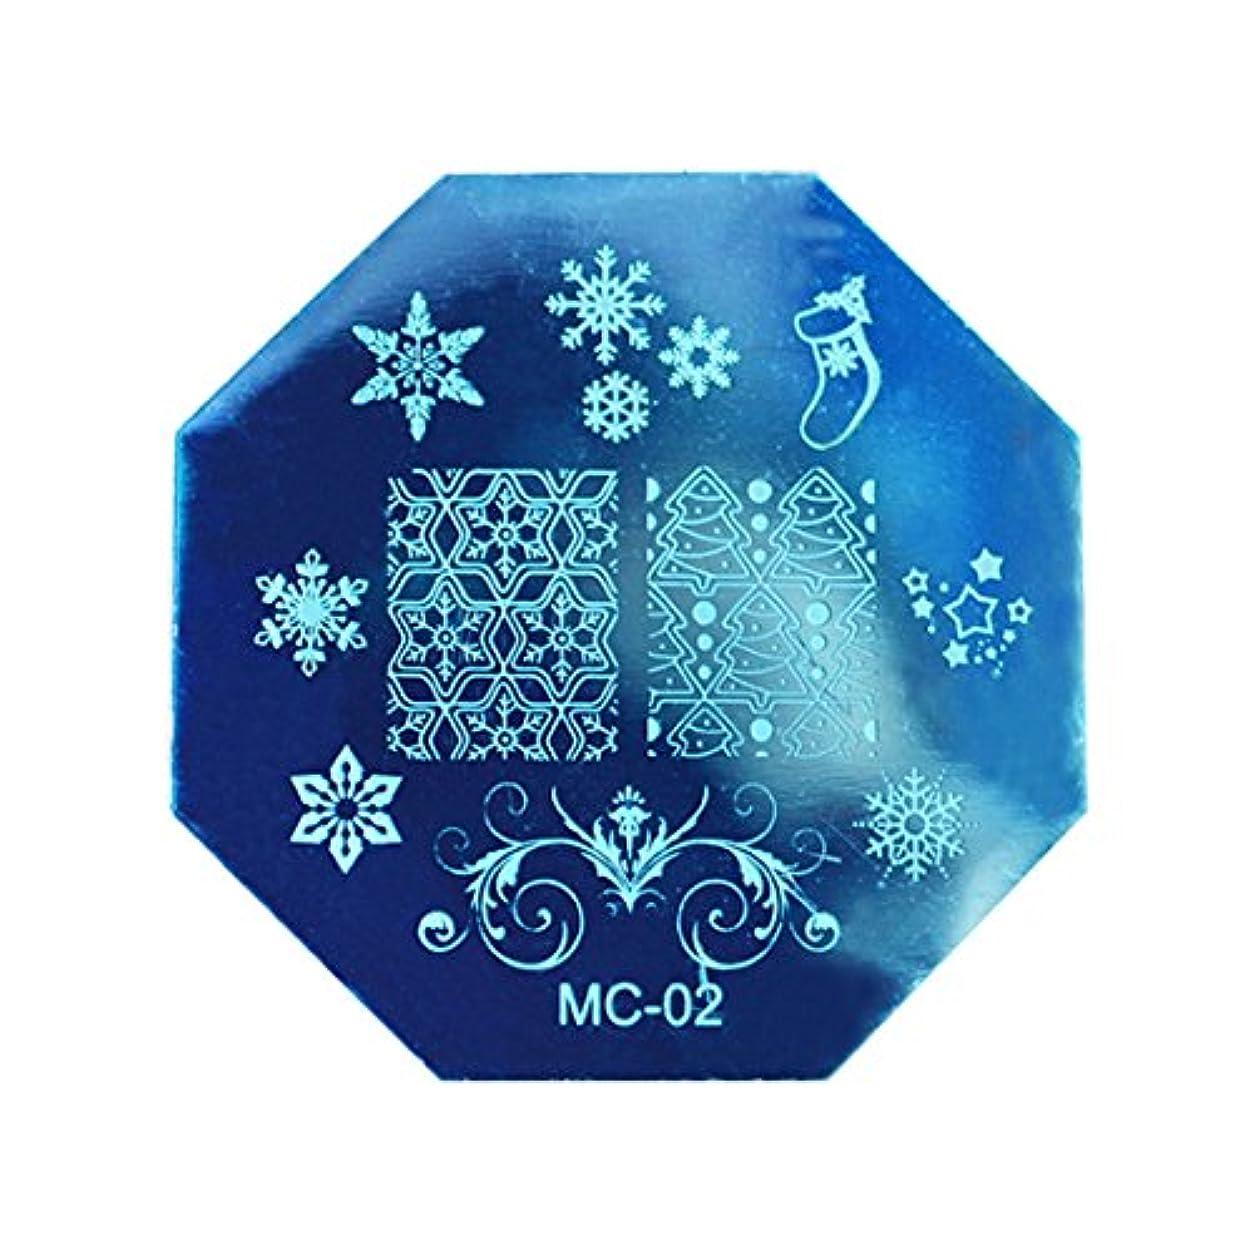 食事を調理するミケランジェロドルRETYLY クリスマスDIYイメージスタンピングプレートマニキュアモデル ネイルアートプレート(MC-02)